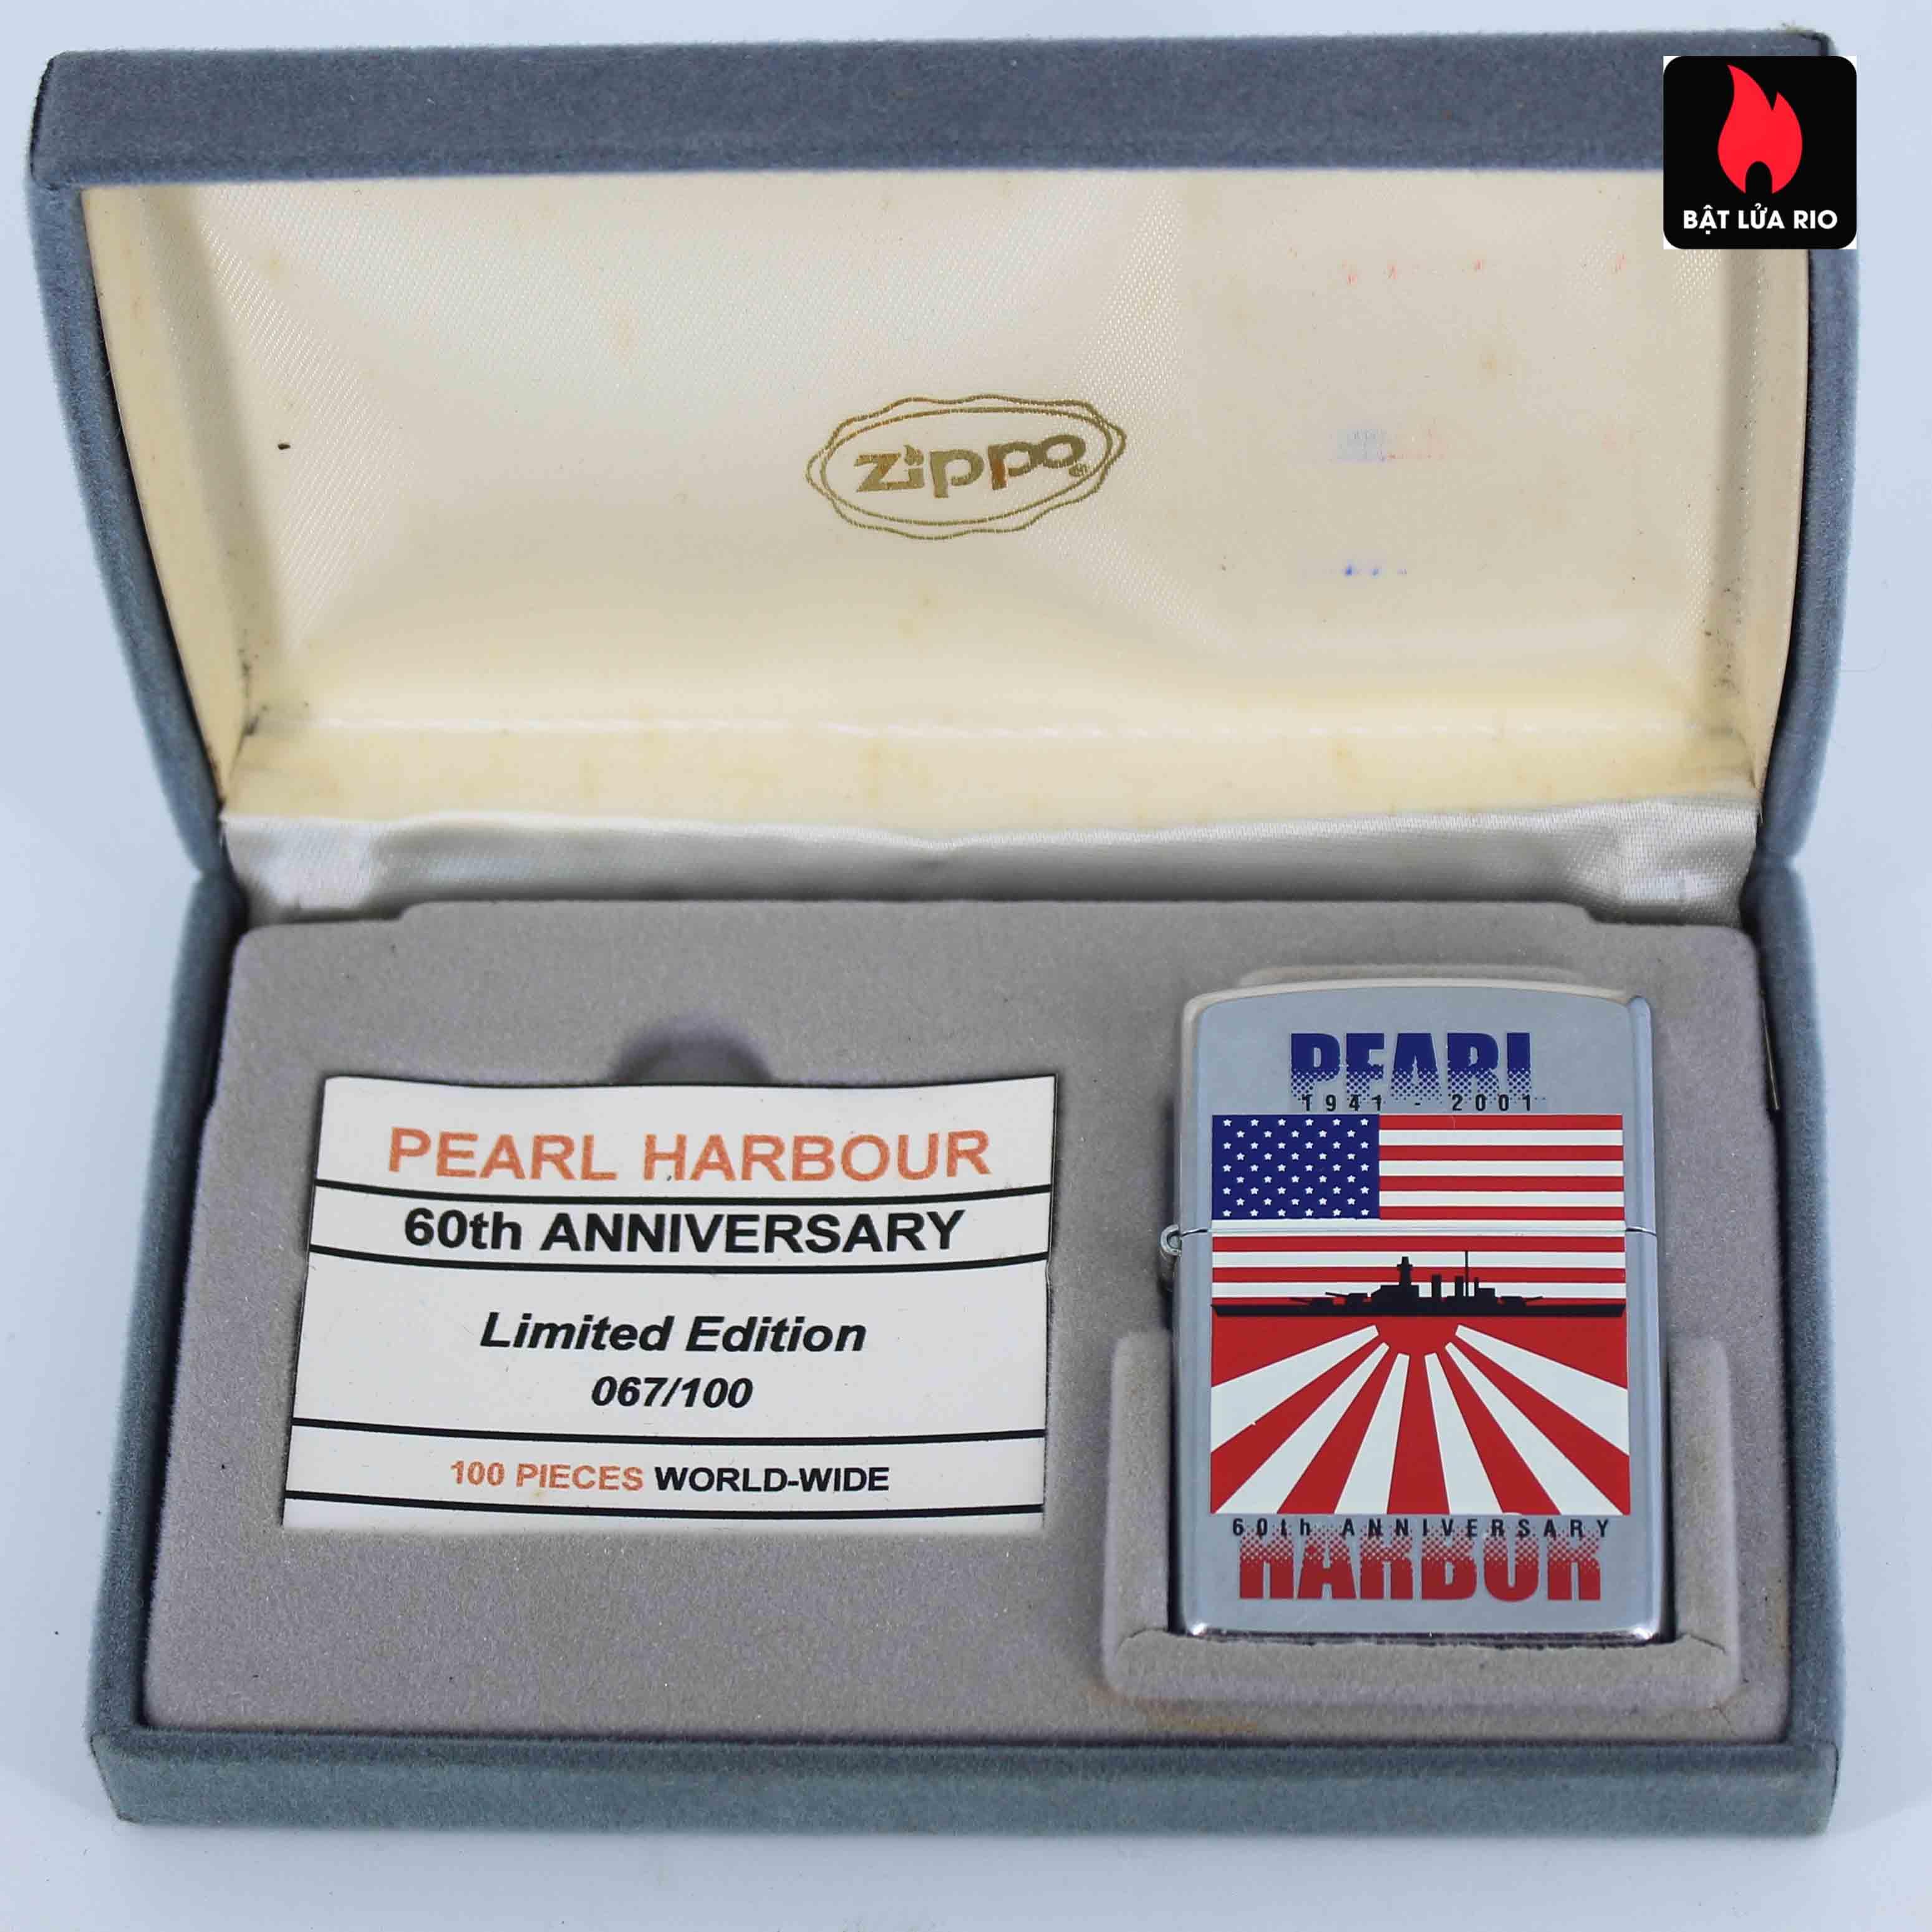 Zippo 2001 - 60th Anniversary Pearl Harbor - Trận Trân Châu Cảng 1